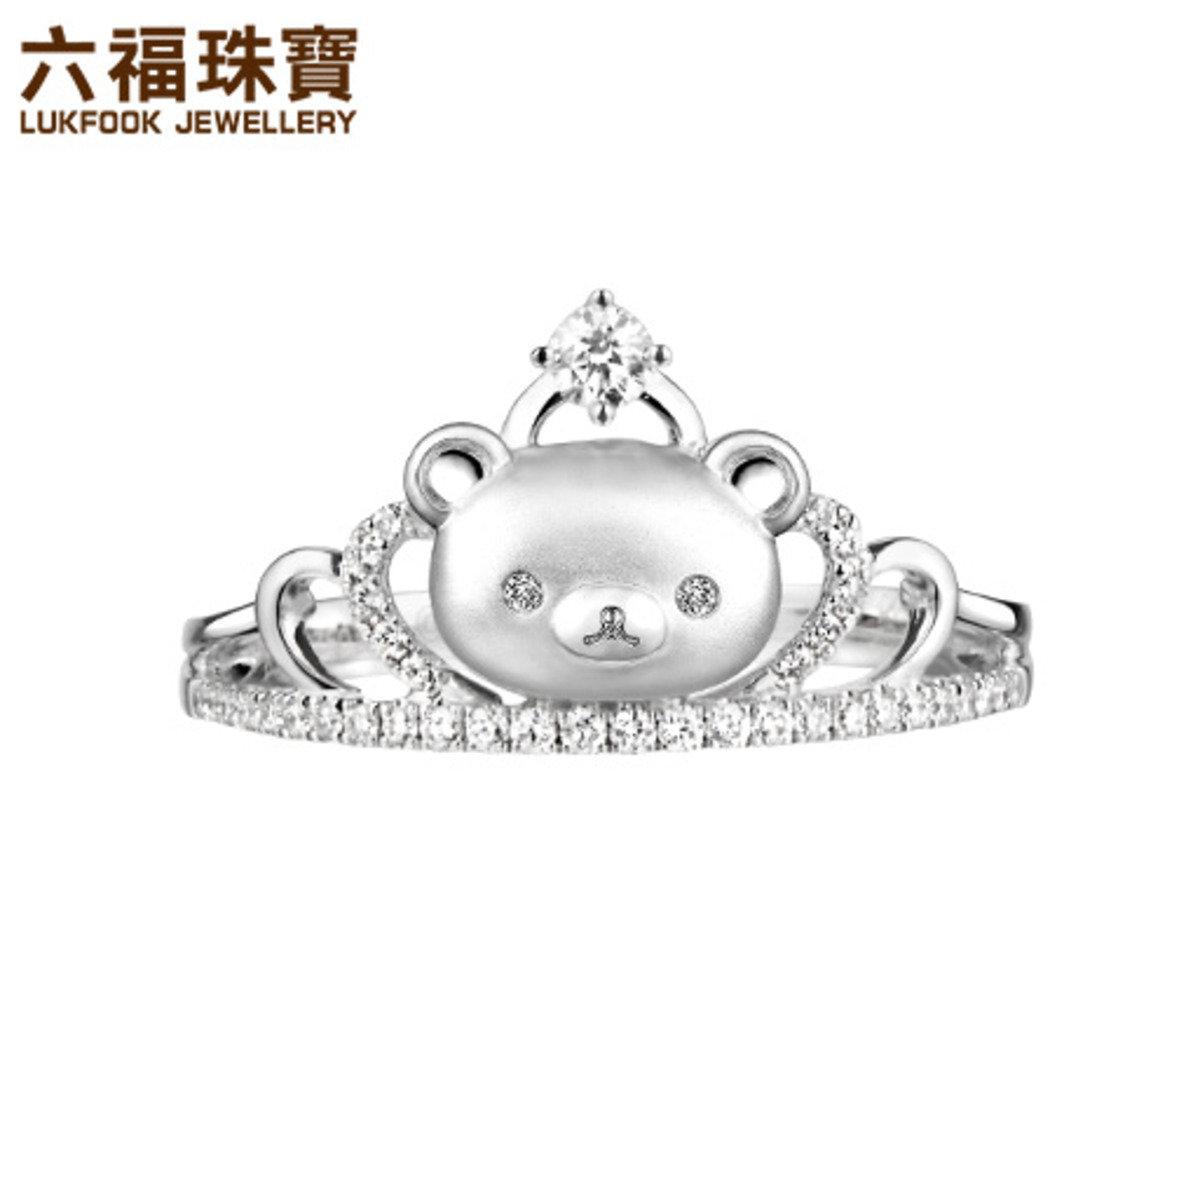 輕鬆小熊18K白色黃金鑽石皇冠戒指